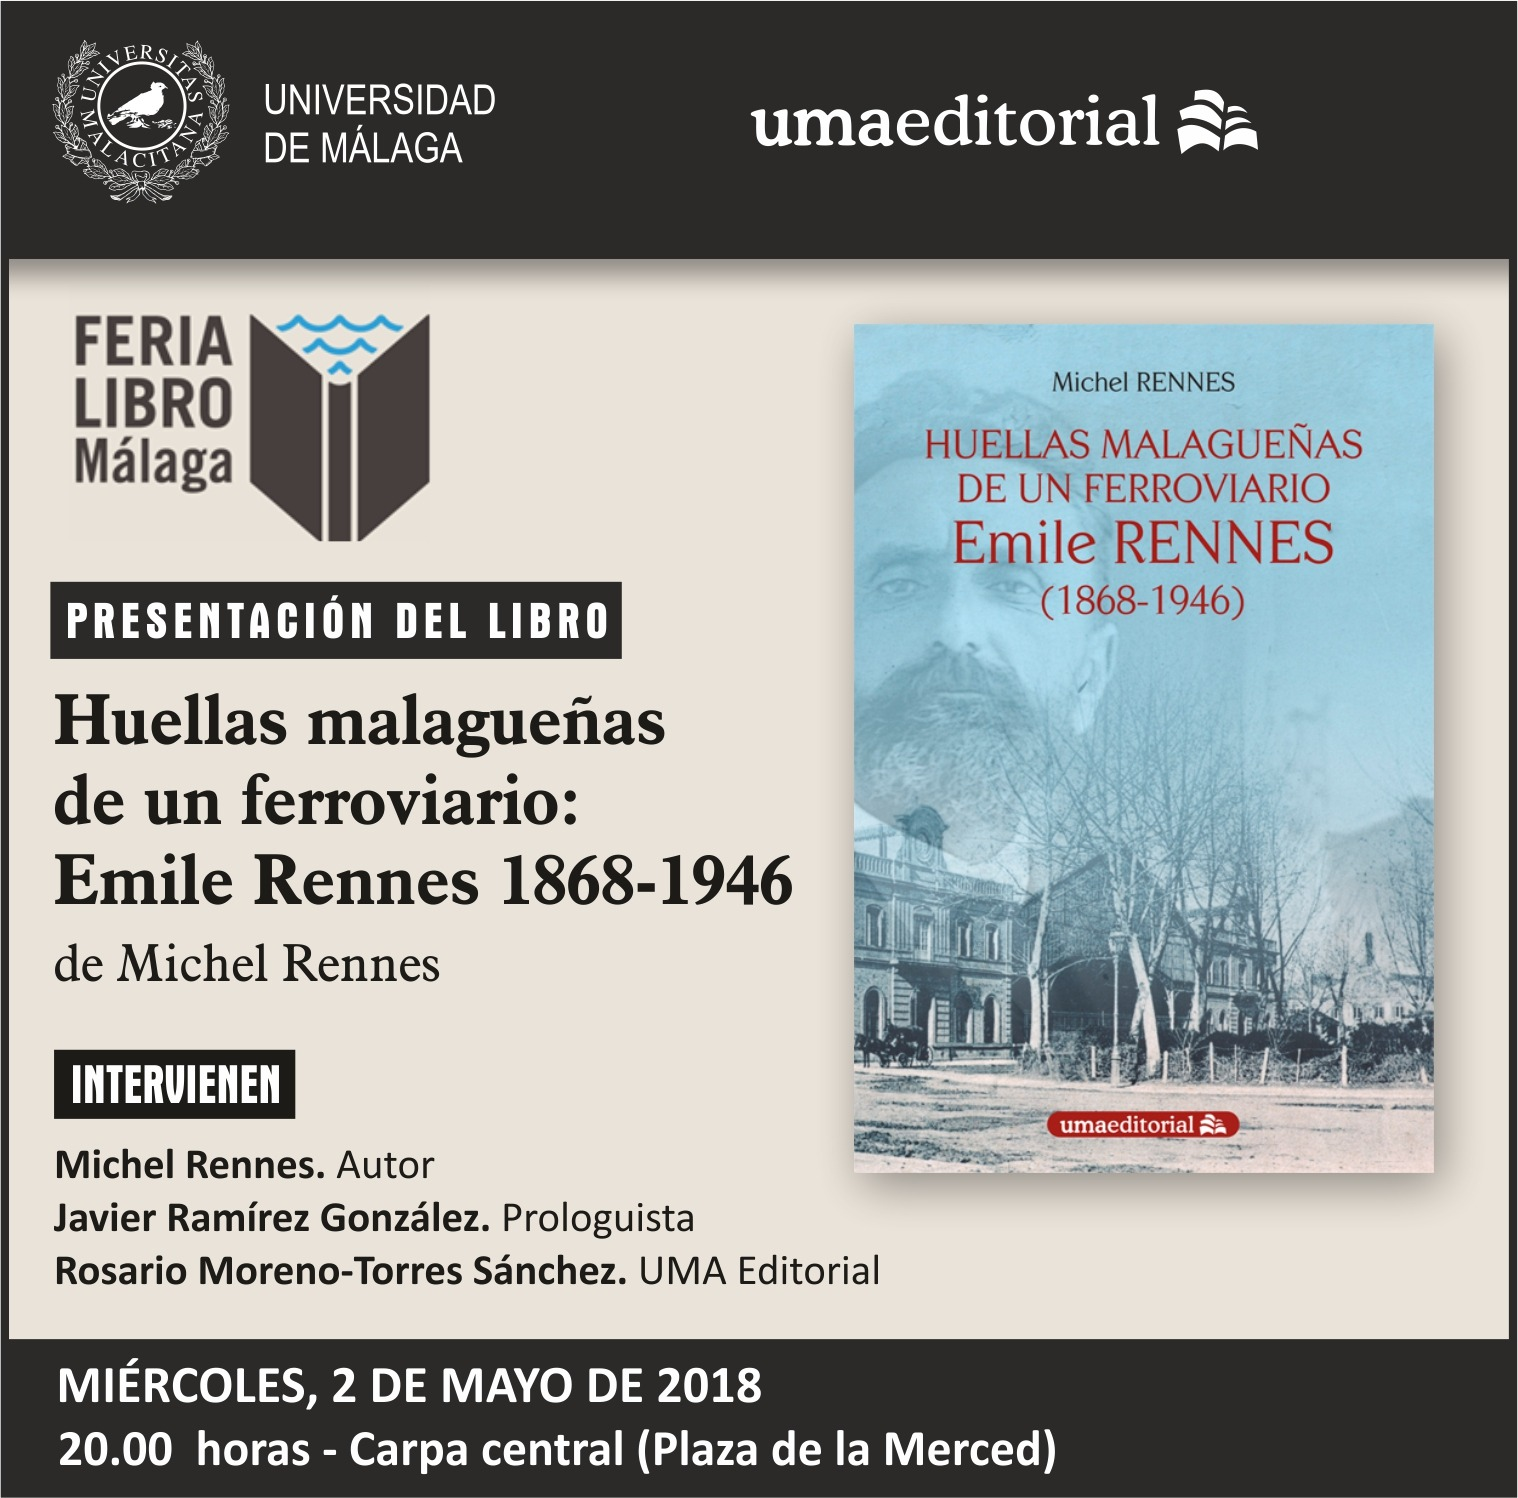 Presentación del libro Huellas malagueñas de un ferroviario: Emile Rennes